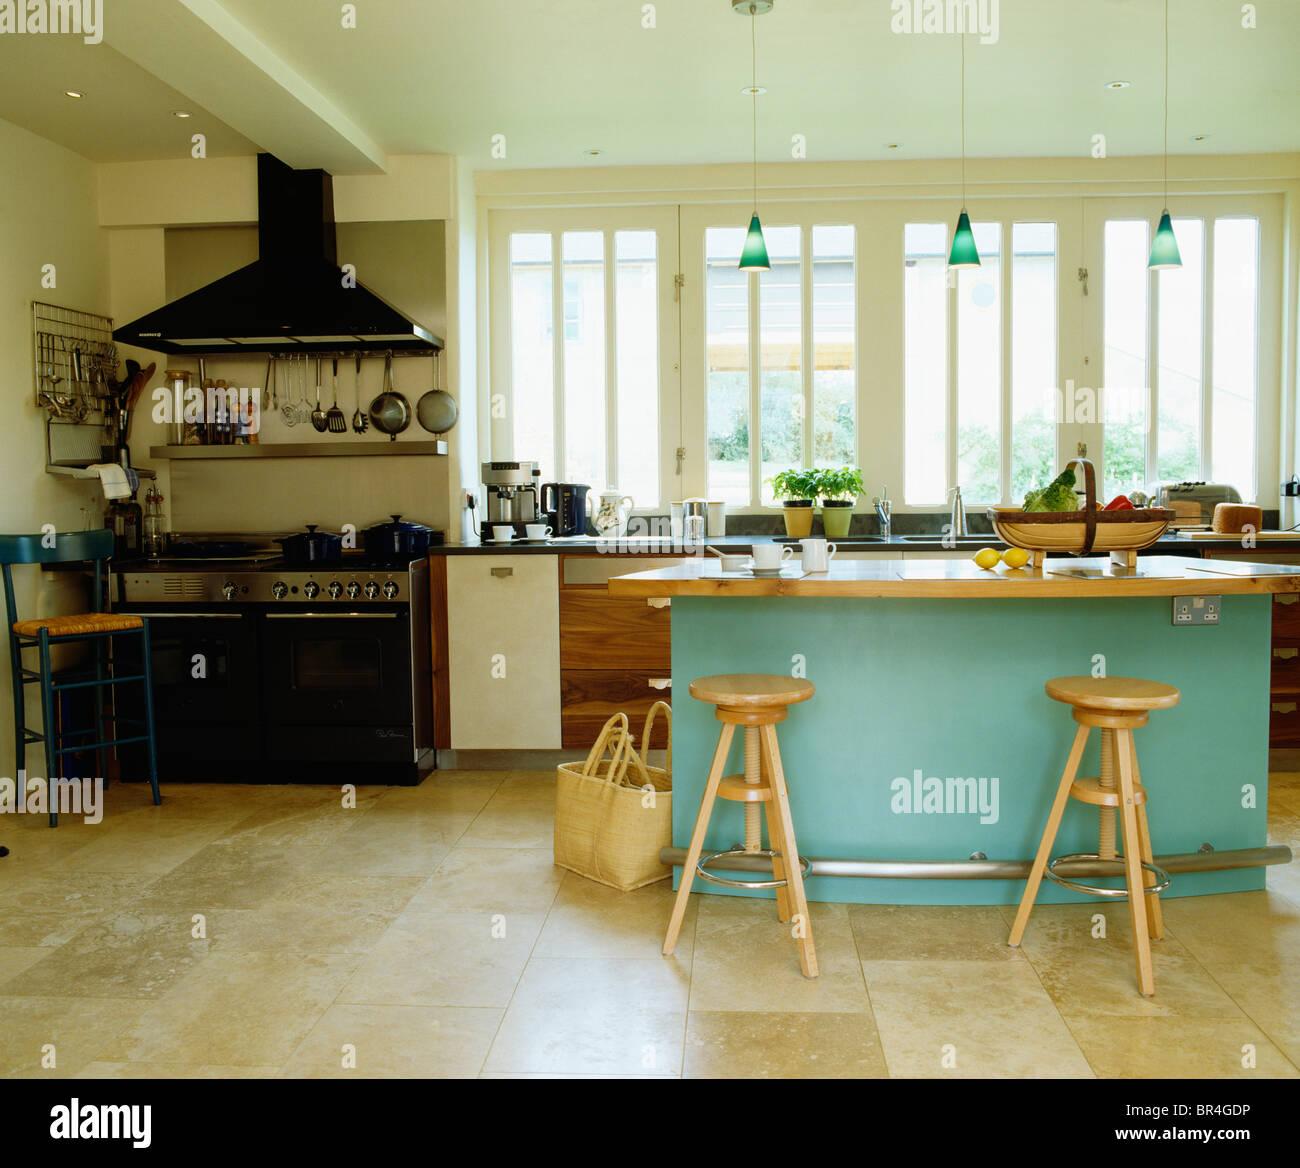 Pavimenti in pietra calcarea in cucina moderna con sgabelli in legno ...